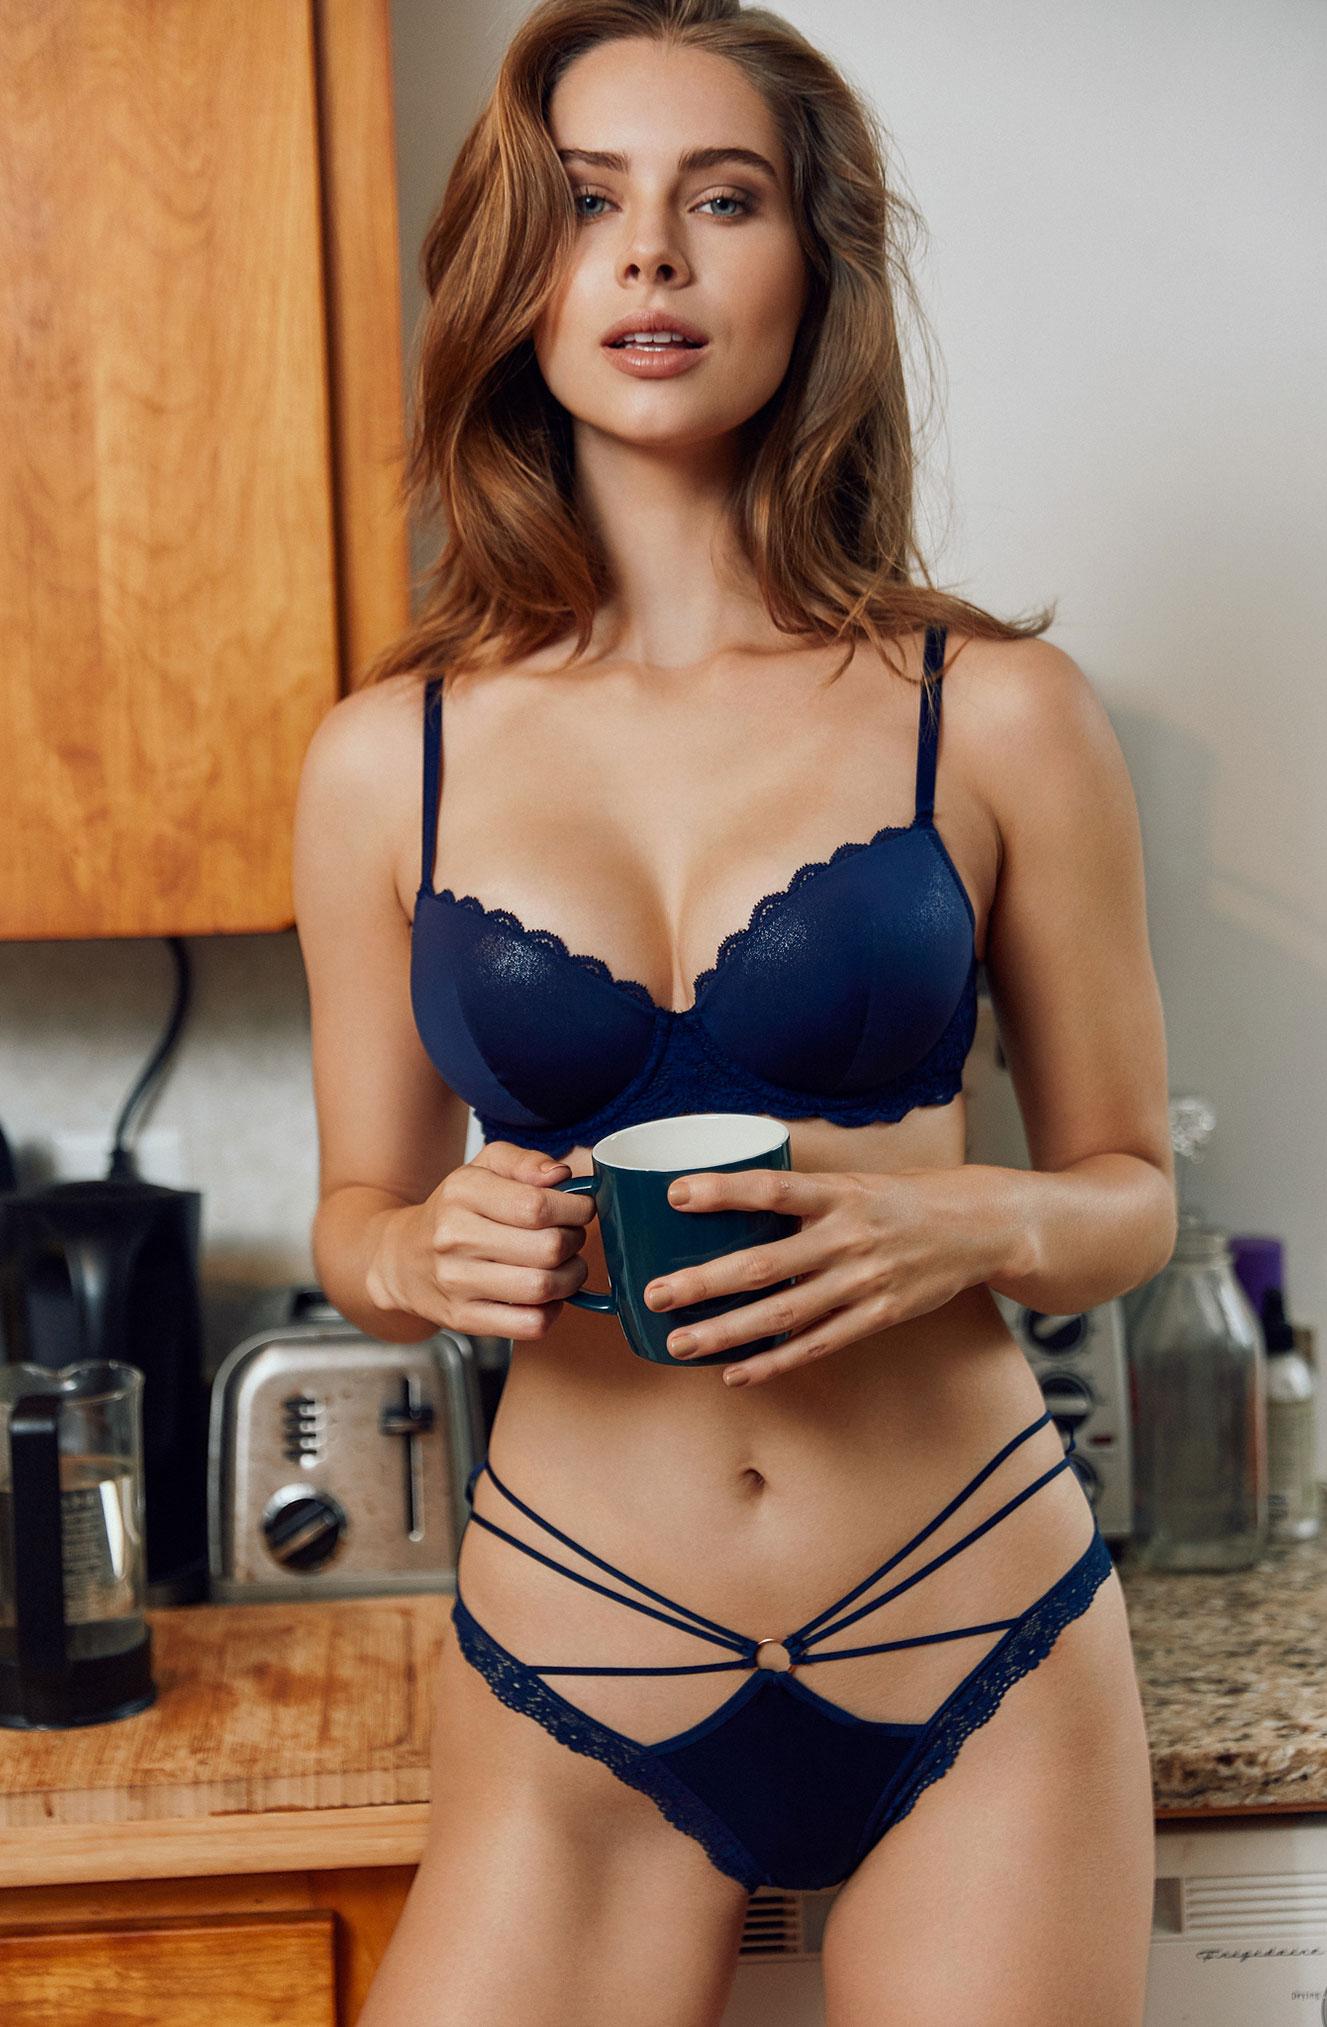 Брэнди Гордон готовит кофе и демонстрирует кружевное нижнее белье / фото 05